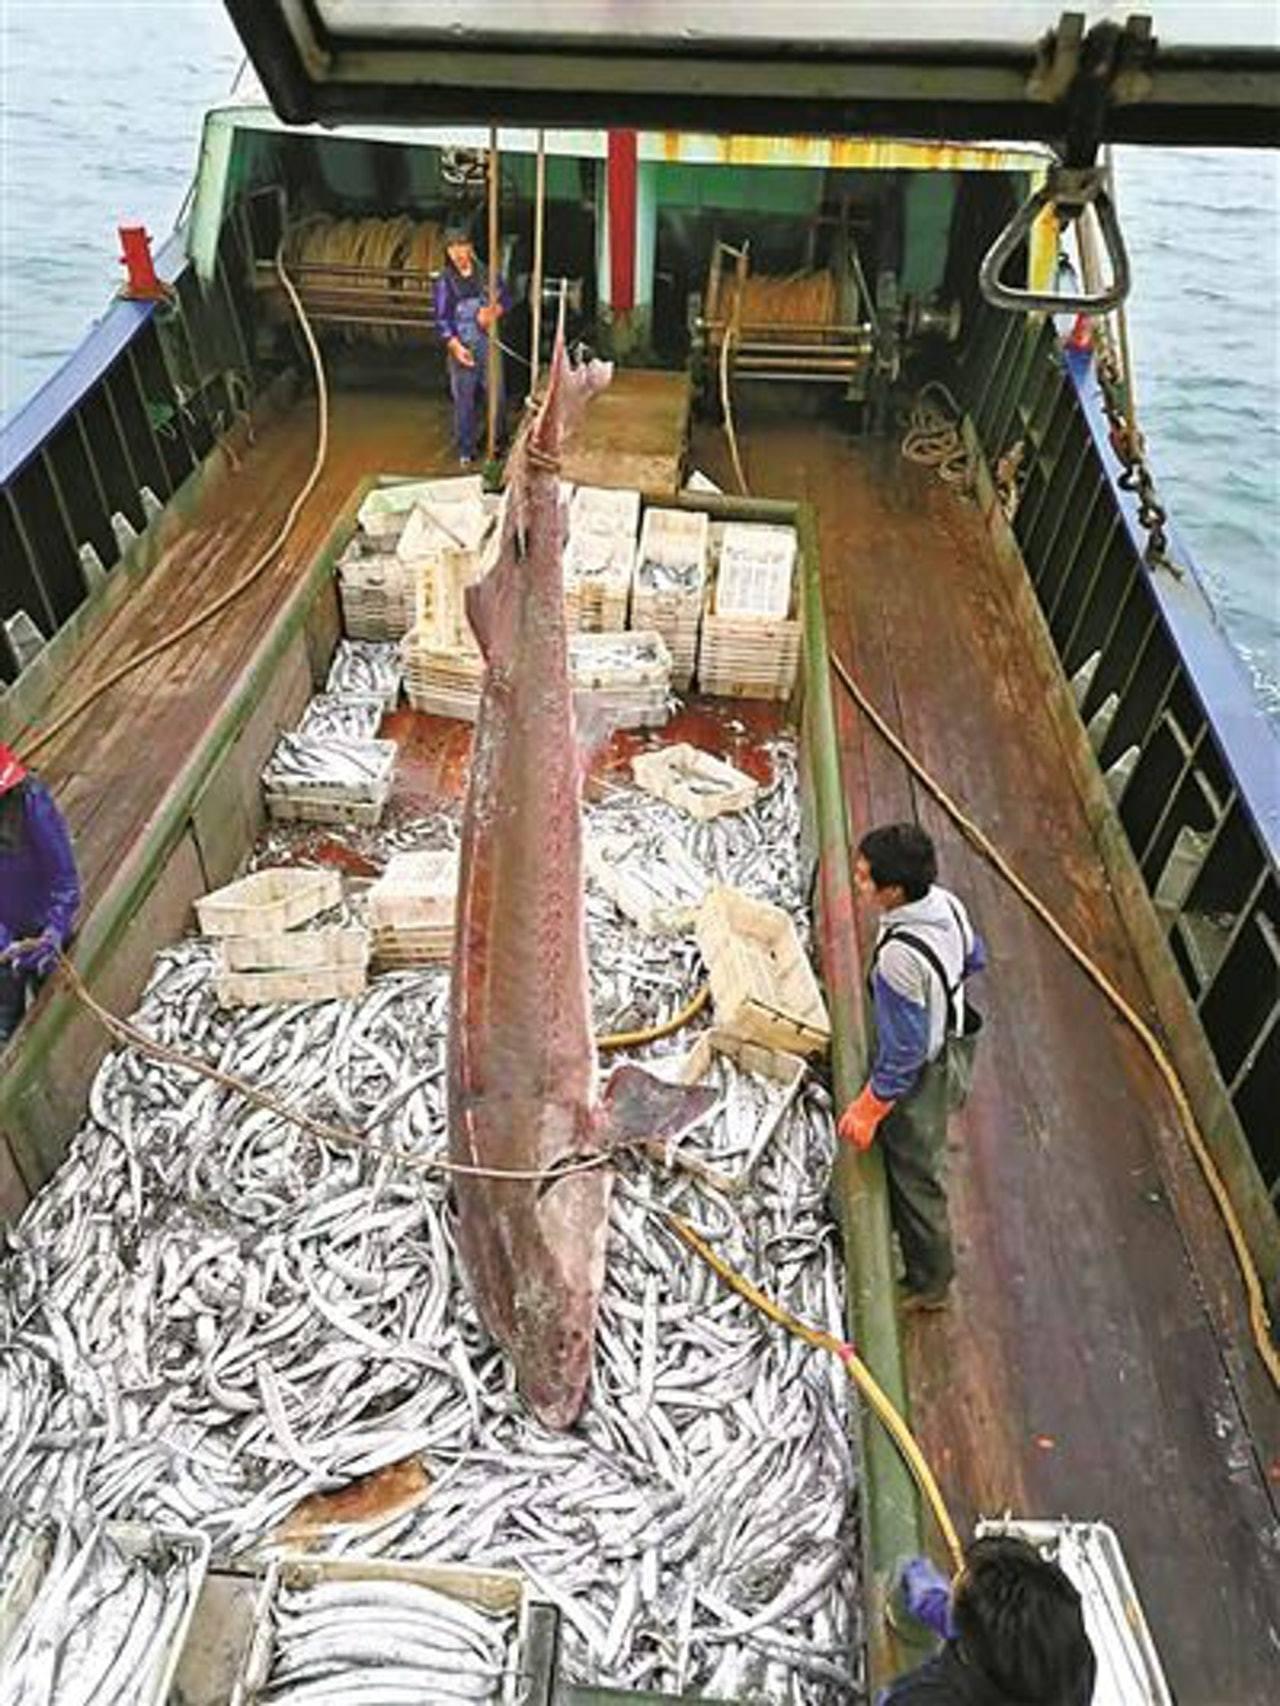 漁民撈起中華鱘後,發現其狀況非常良好,表面未見有損傷。圖/取自微博